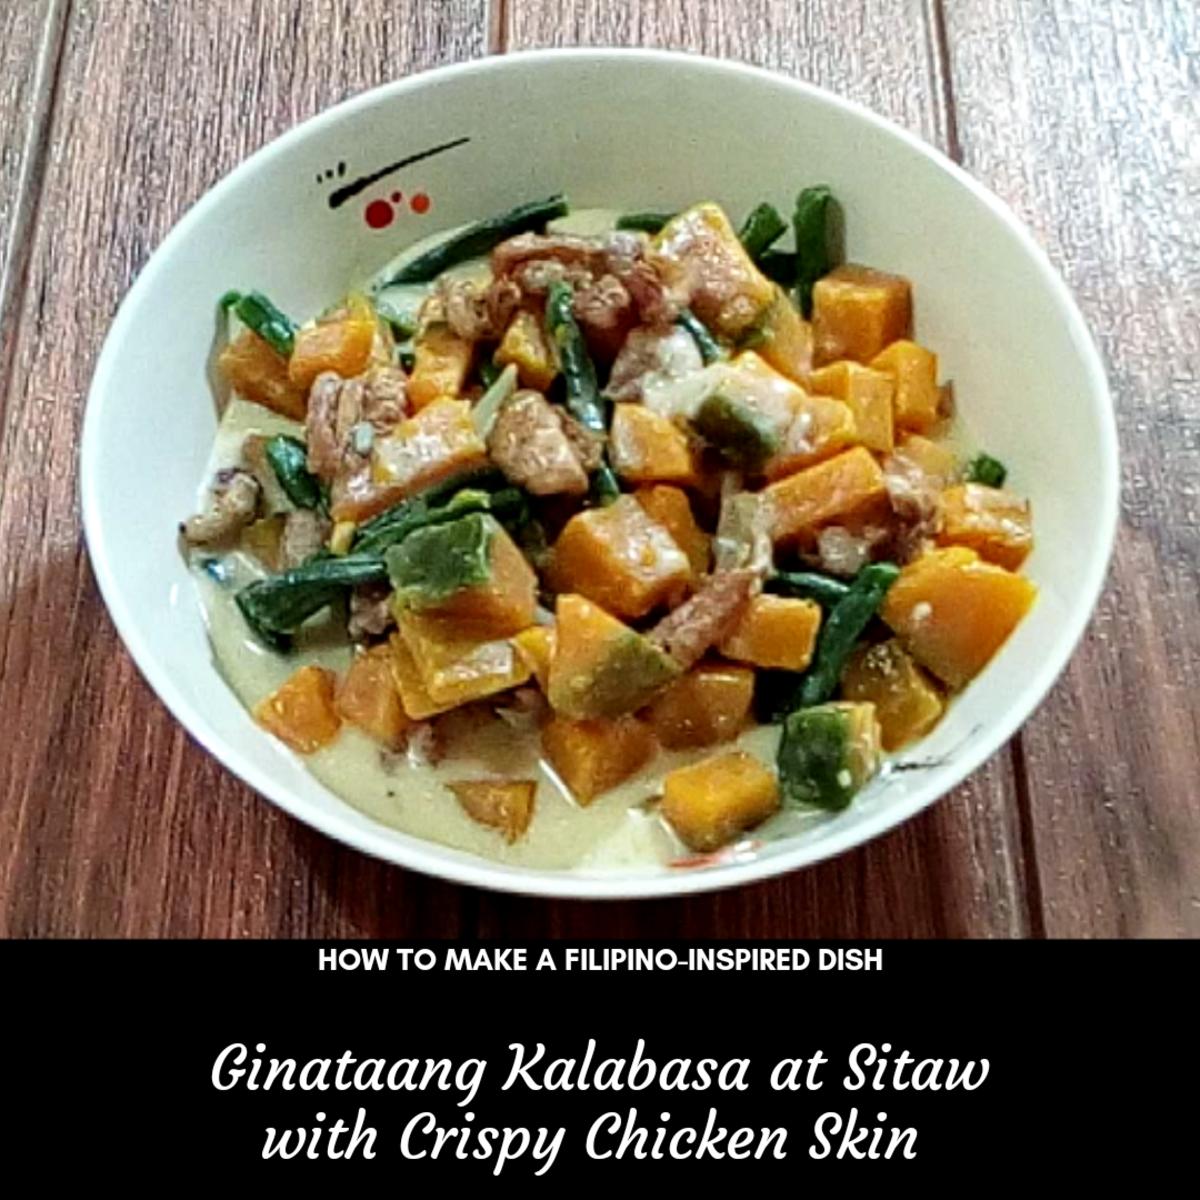 Learn how to make ginataang kalabasa at sitaw with crispy chicken skin, a Filipino-inspired dish.